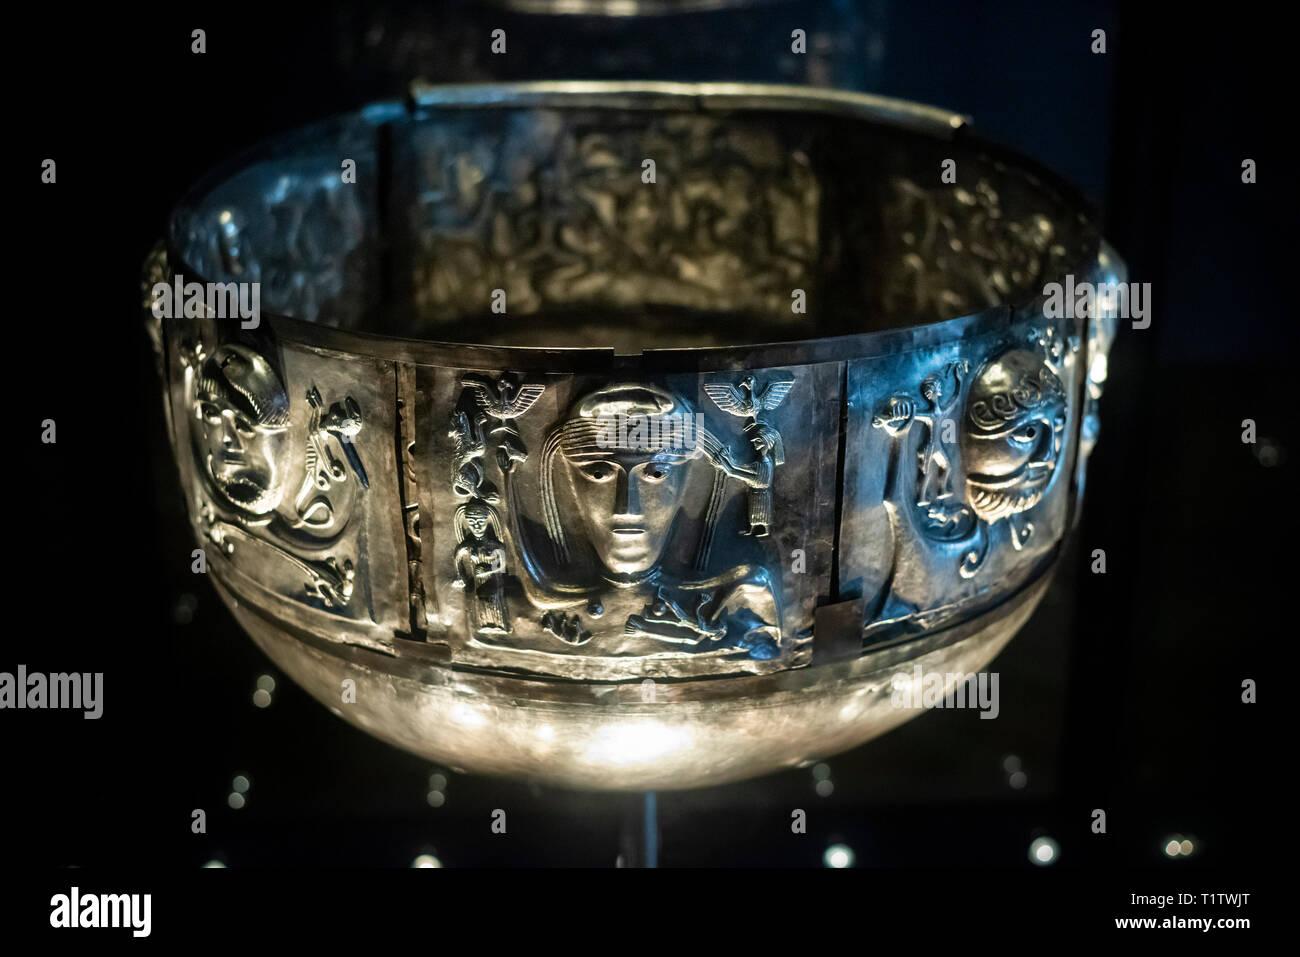 Copenhague. Dinamarca. El caldero de Gundestrup, ricamente decorado Silver Bowl, el Museo Nacional de Dinamarca. El caldero de Gundestrup, pensado hasta la fecha a partir de Foto de stock